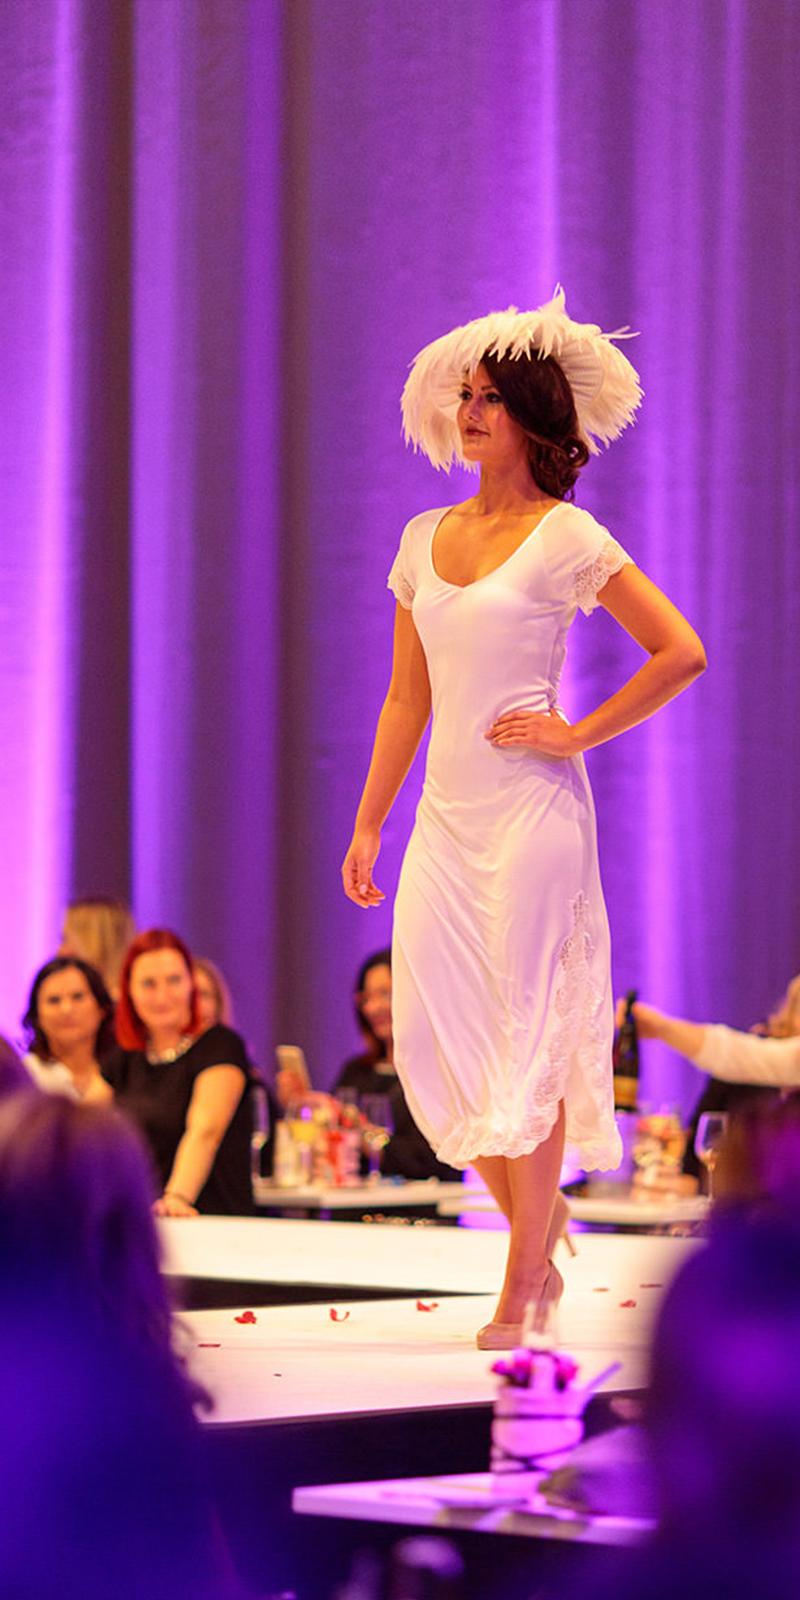 ladies-fashion-night-17-16x8-4